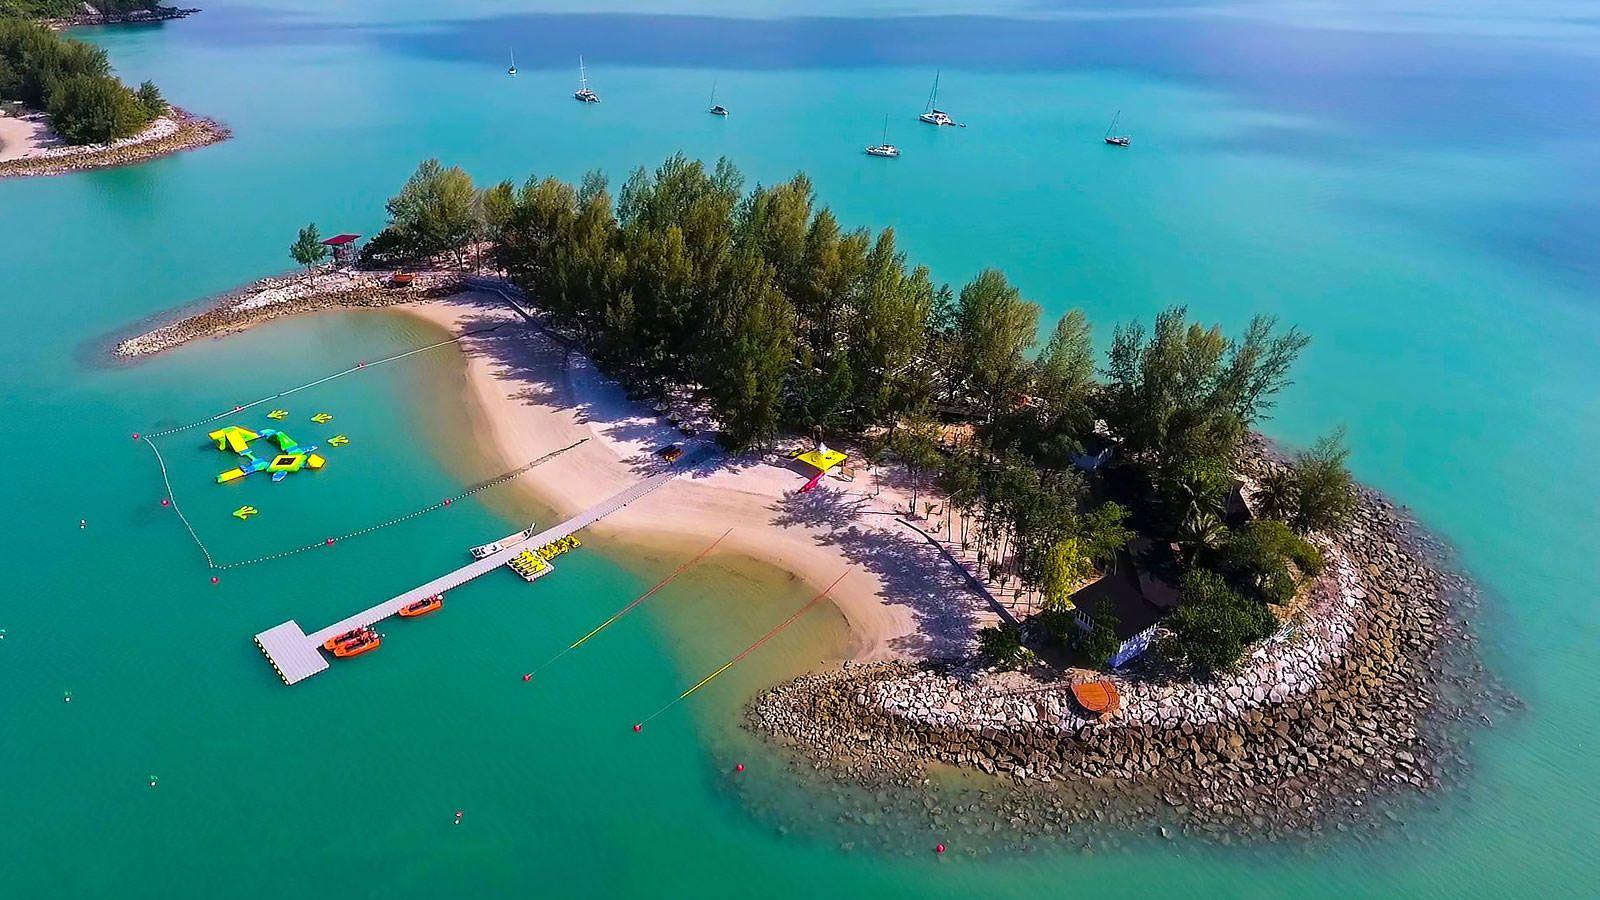 【星宇航空】馬來西亞檳城蘭卡威風帆遊+101天堂島~超值美食五天